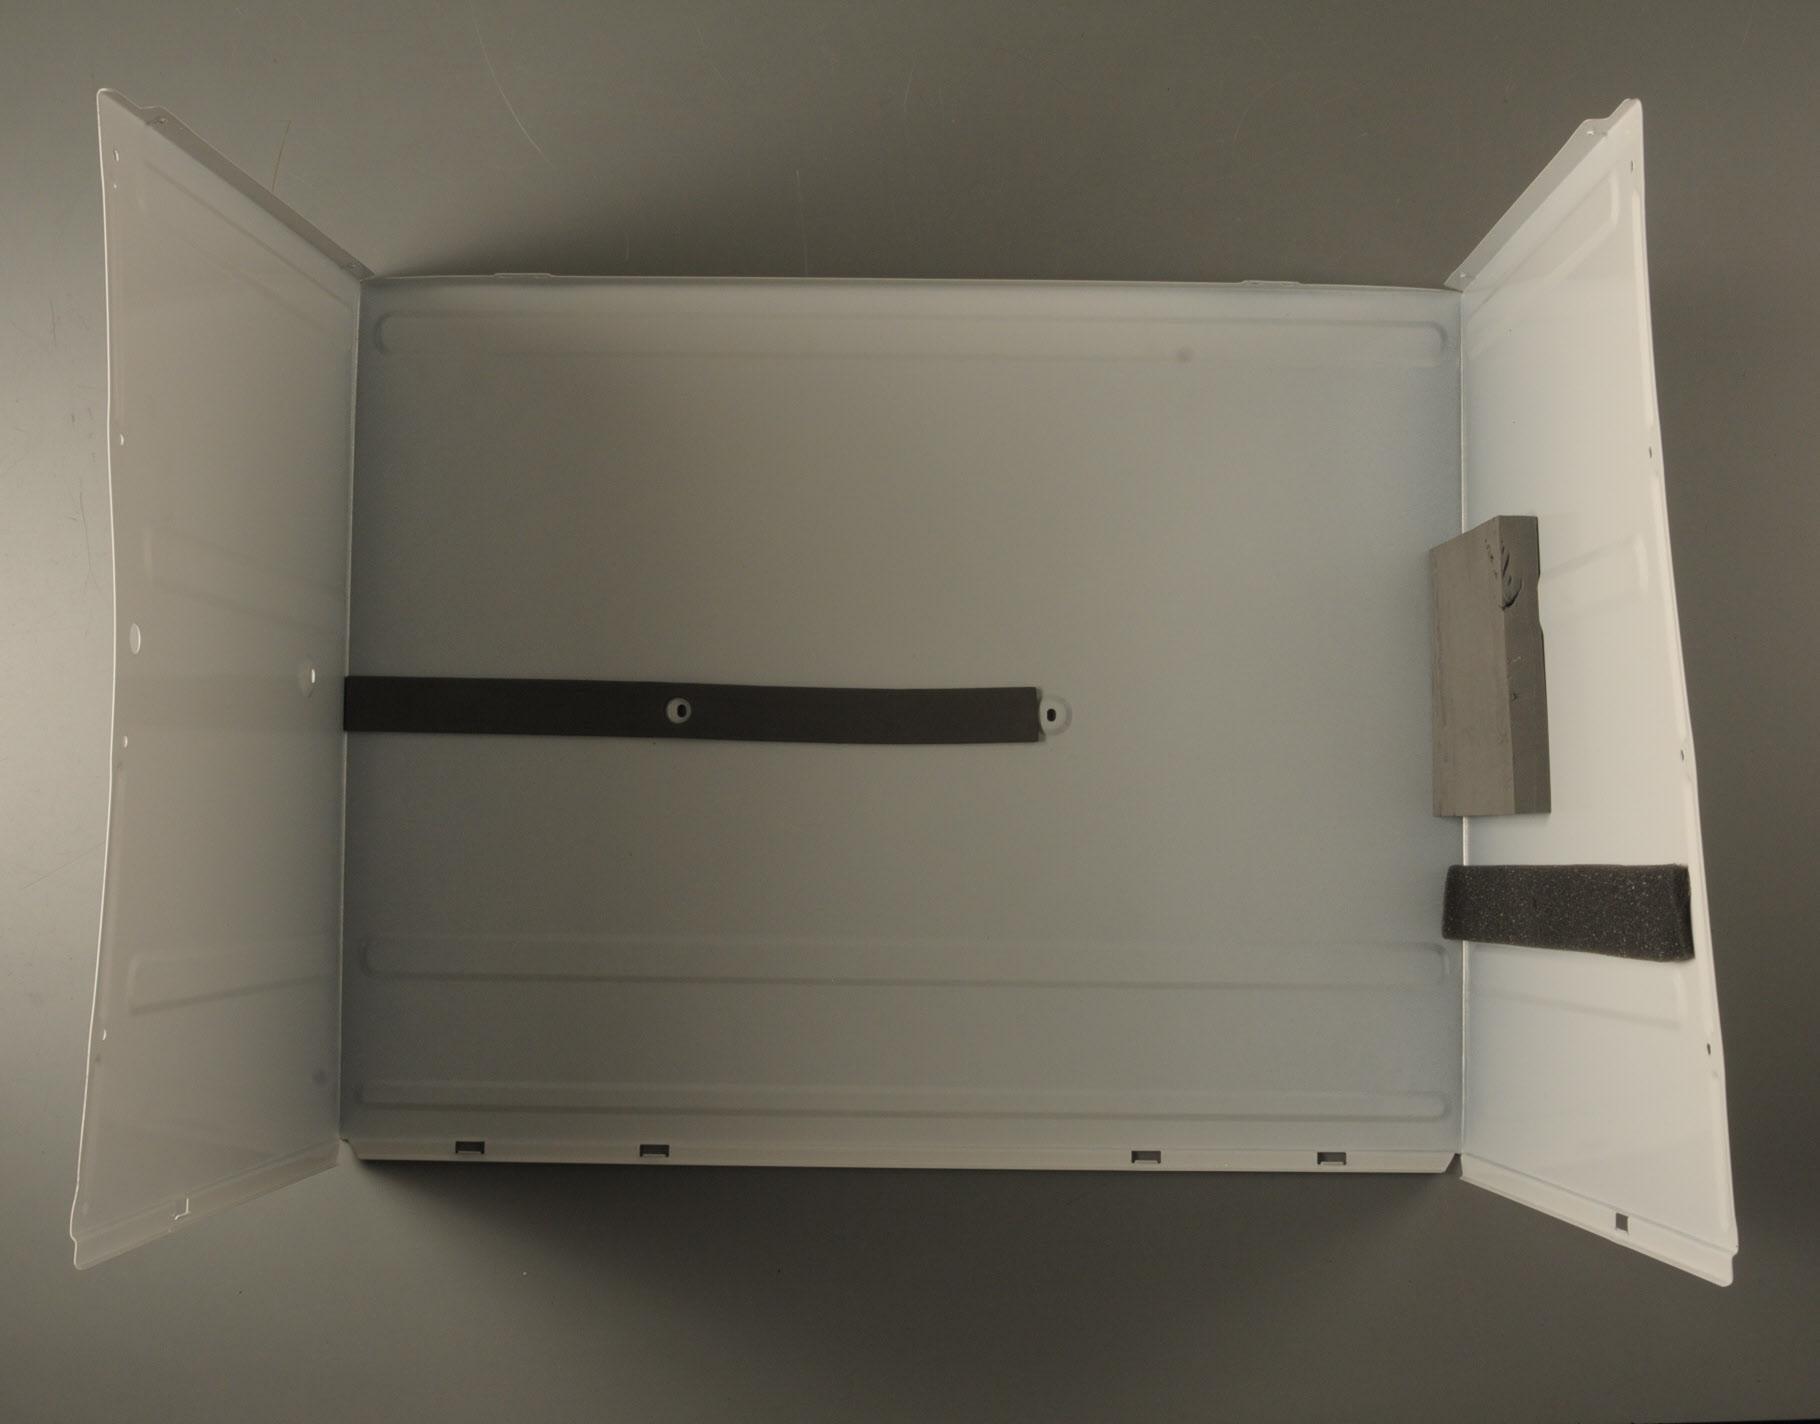 Frigidaire Air Conditioner Part # 5304496447 - Housing